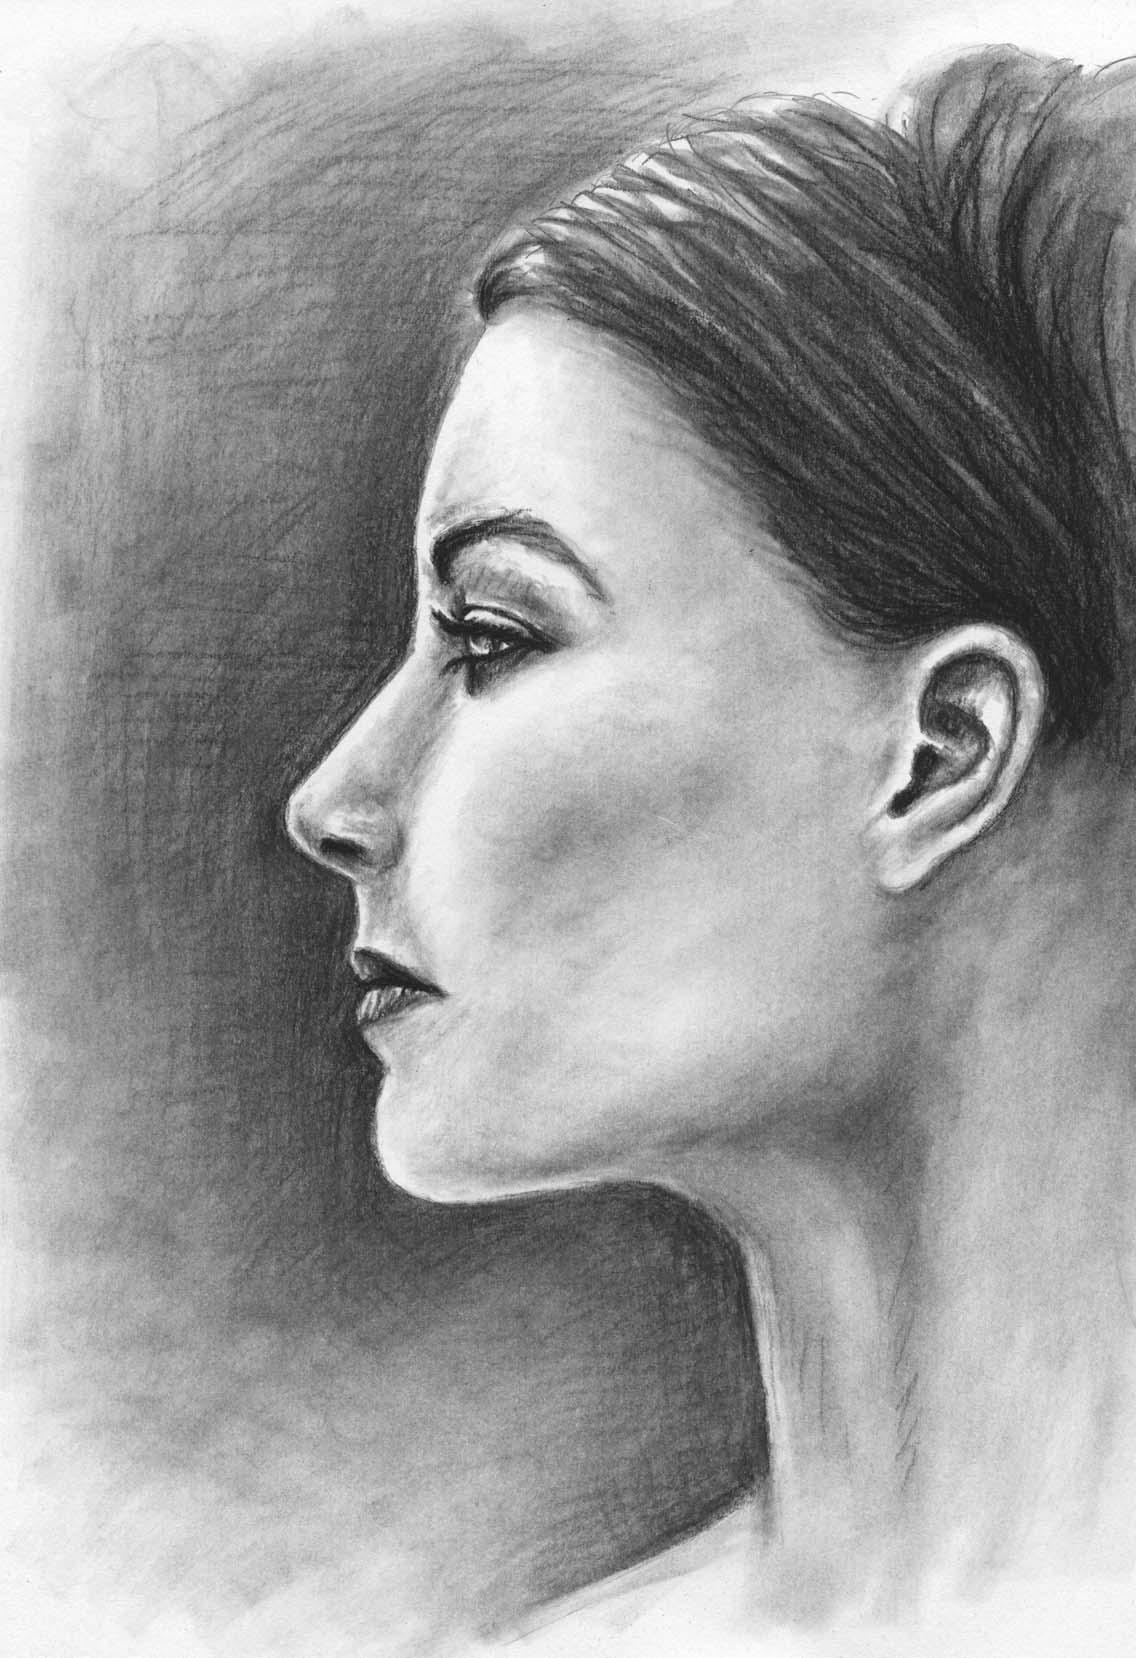 Frauenprofil Frau Portrait Gesicht Kohlezeichnung Von Nicole